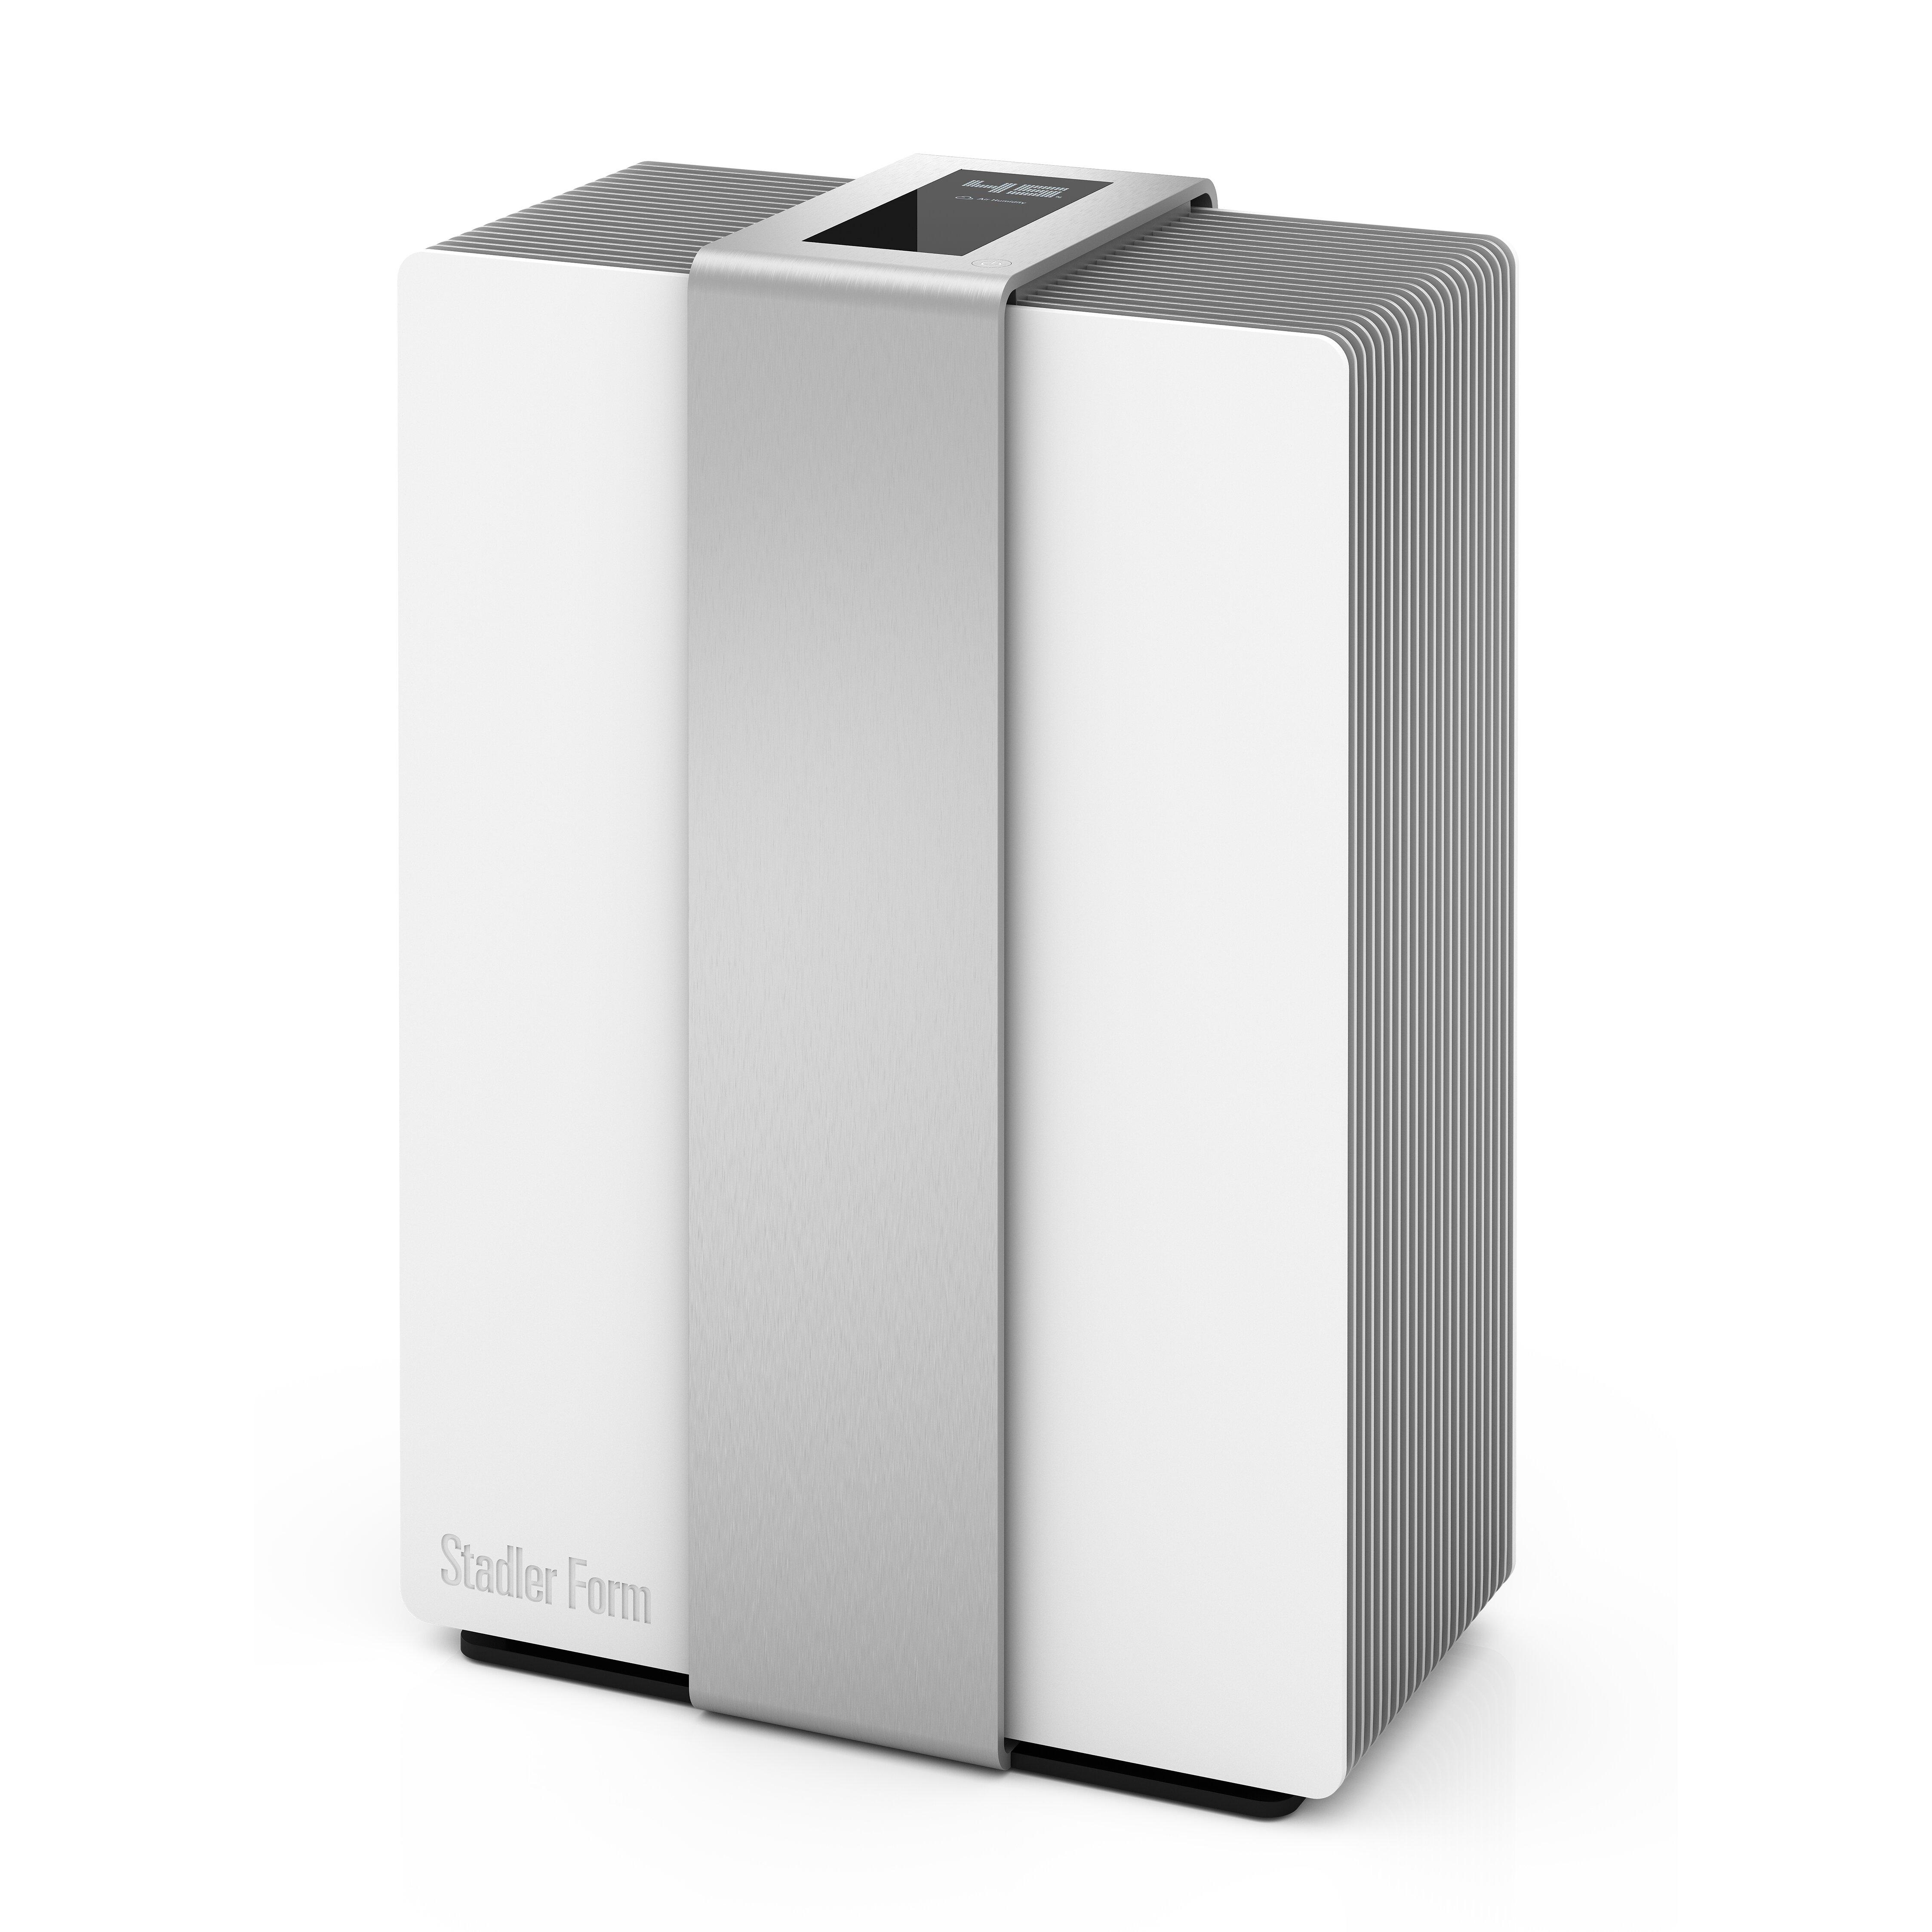 Stadler Form Robert Humidifier And Room Air Purifier Reviews Wayfair